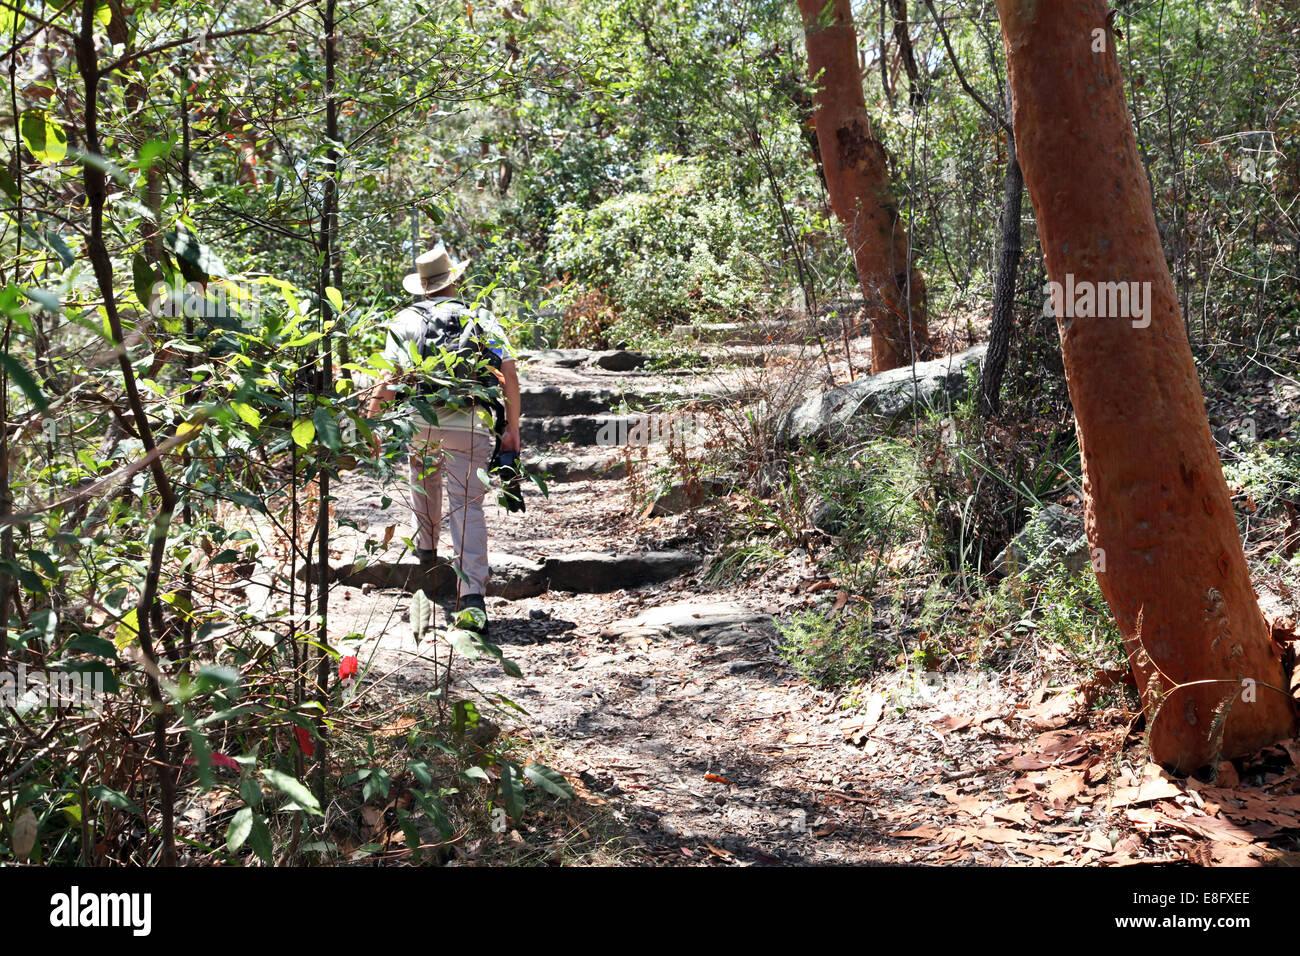 Australia, Nuovo Galles del Sud, Sydney, uomo a camminare nella foresta Immagini Stock